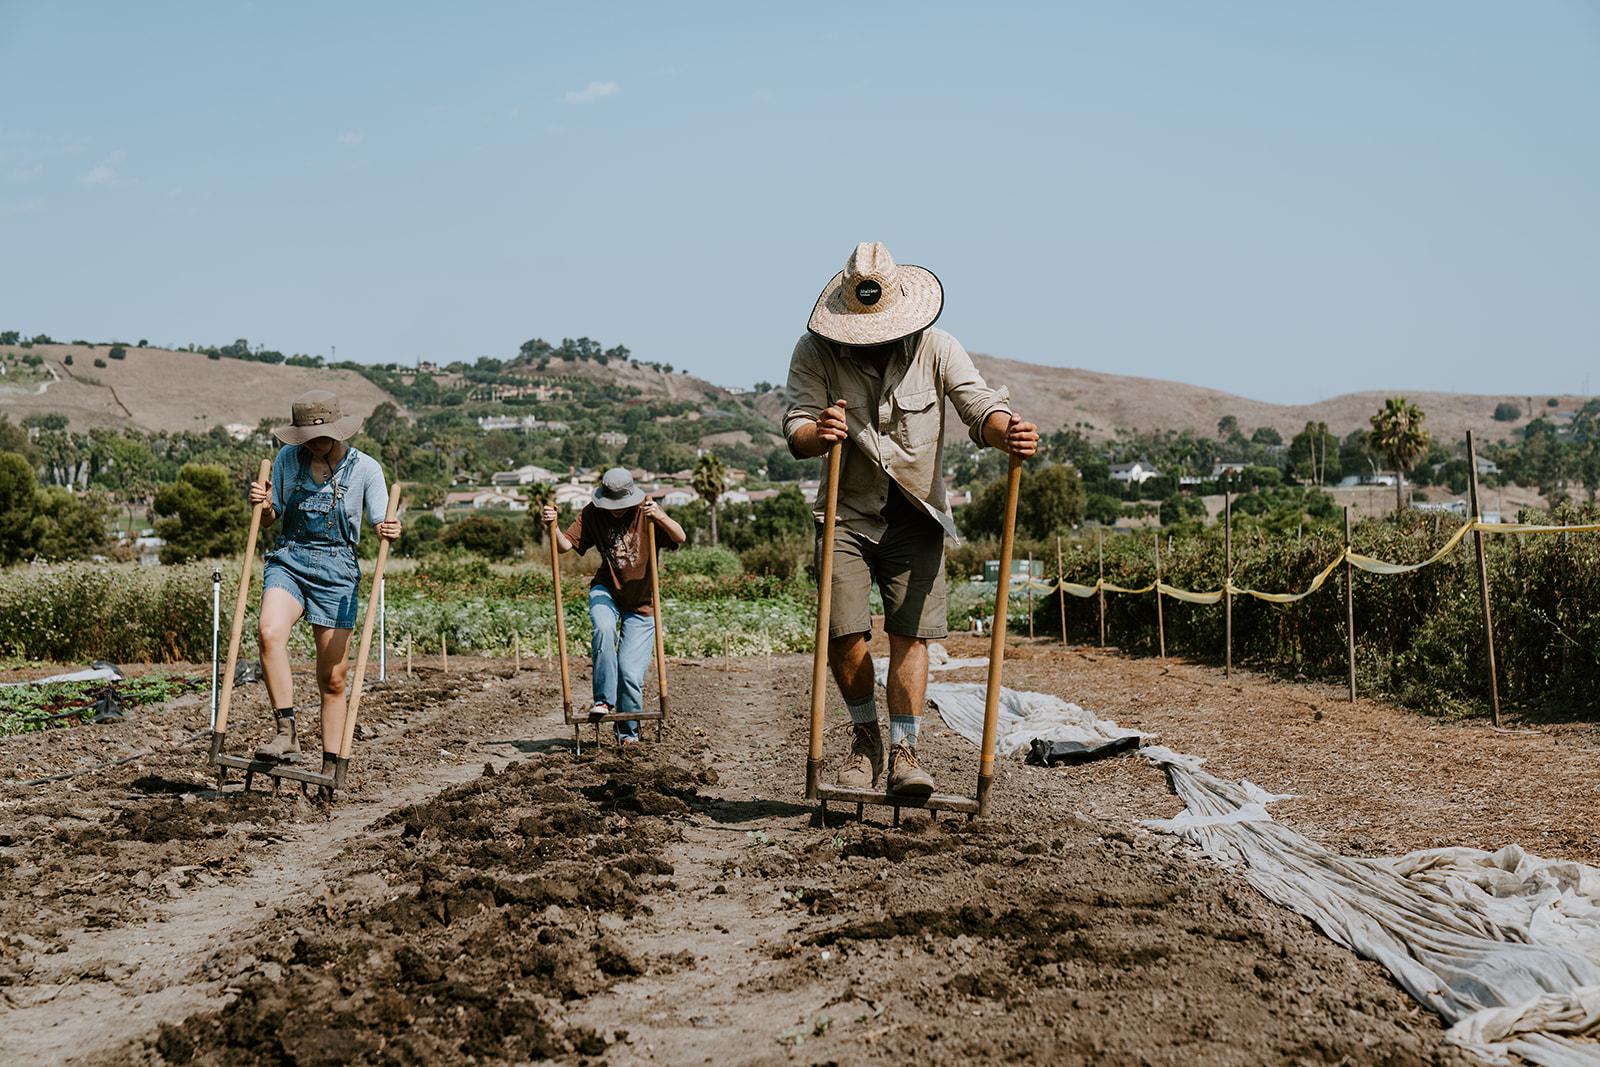 Farmers tilling the fields.